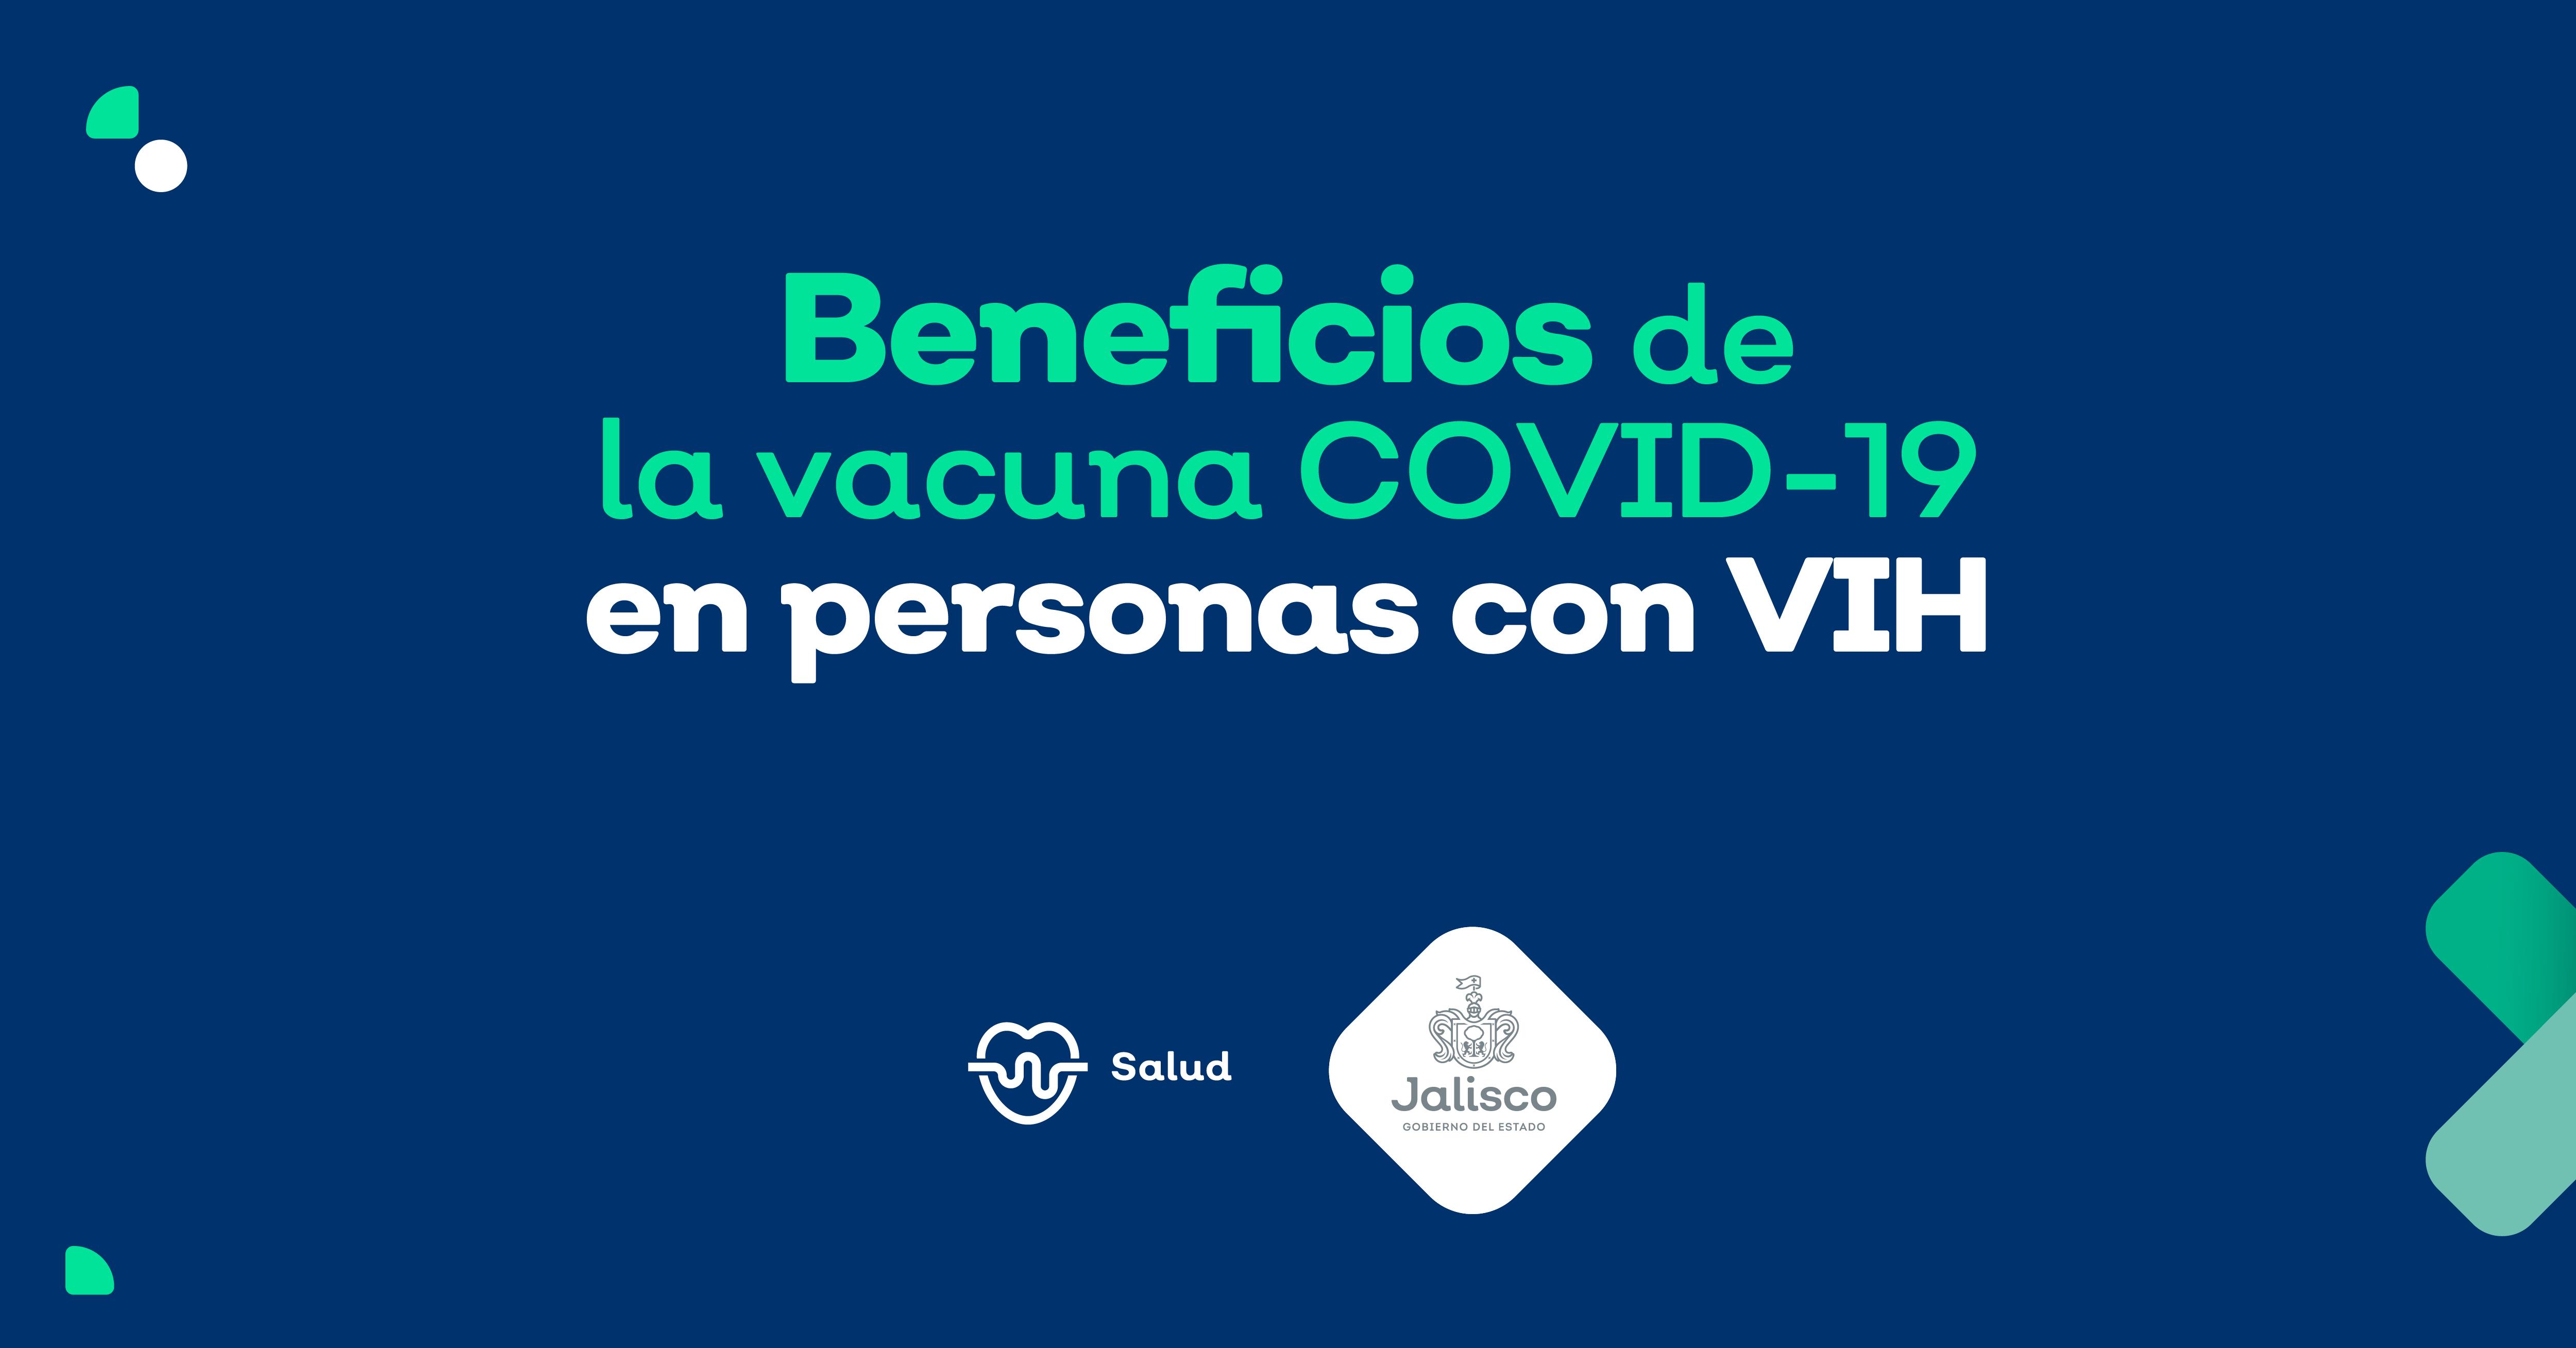 Lo que sabemos del VIH y la vacuna del COVID-19